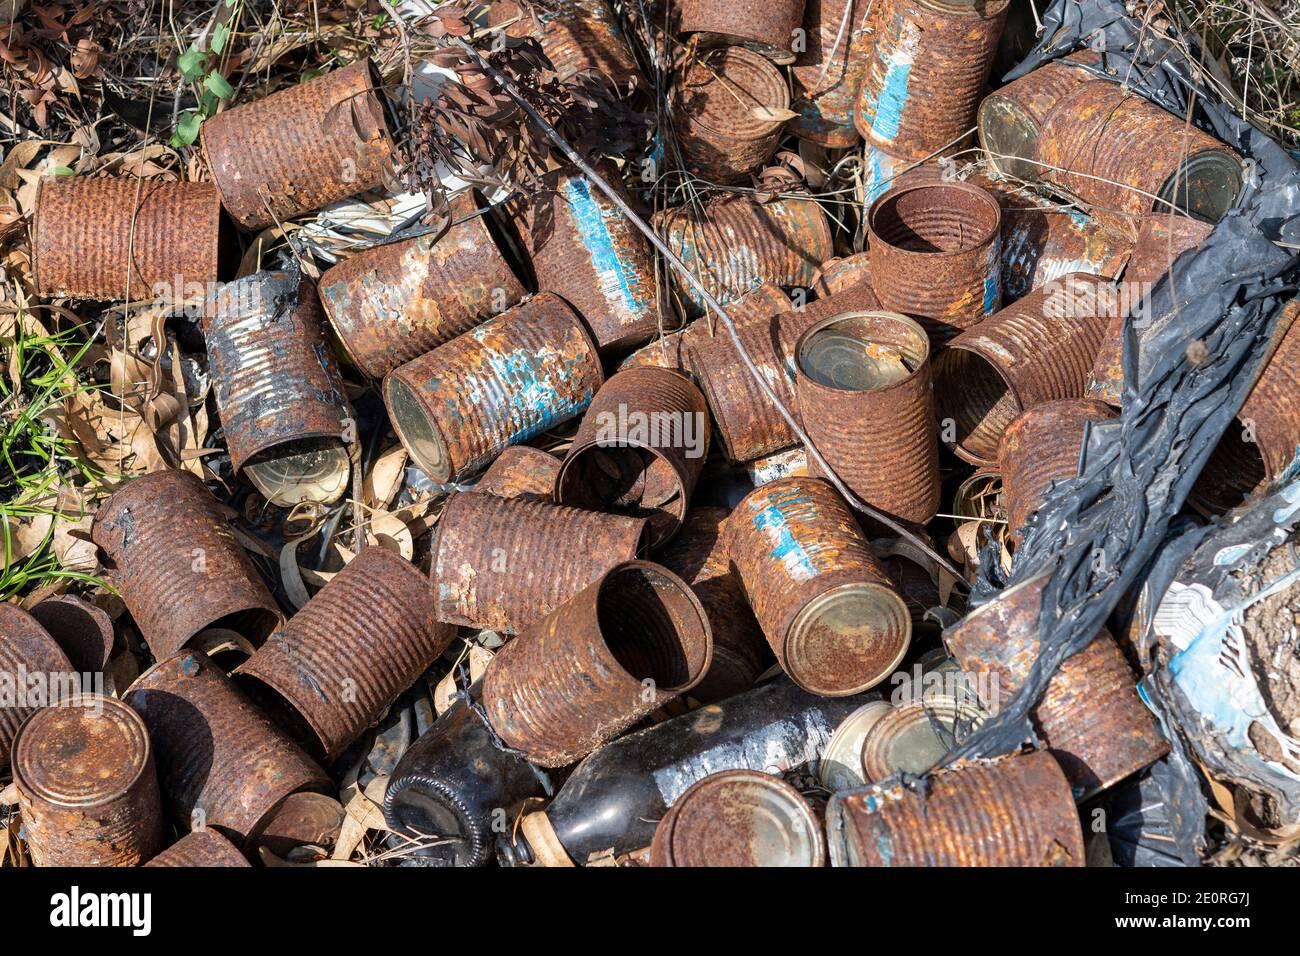 Viejas latas oxidadas yacen en el suelo y hierba seca en la naturaleza. Contaminación y medio ambiente. Foto de stock